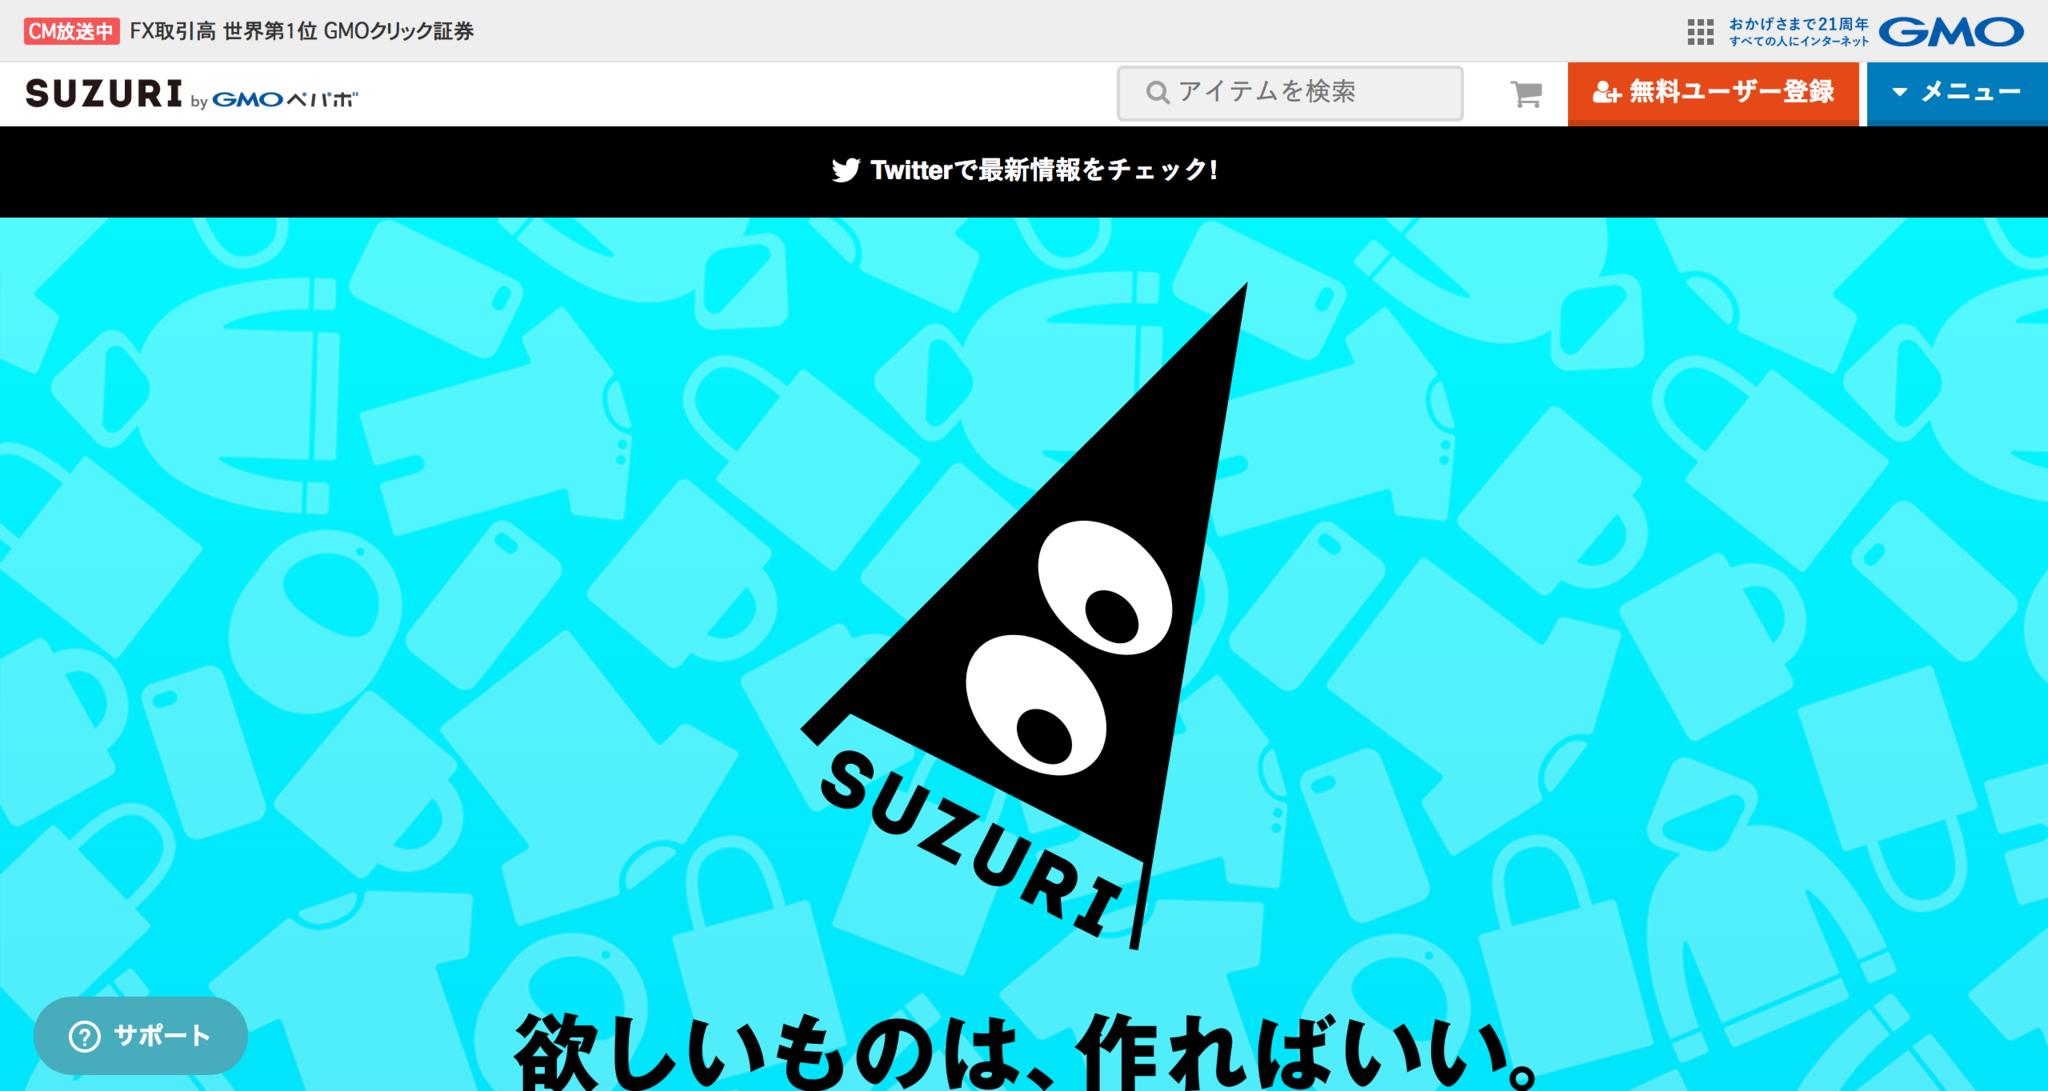 自分だけのオリジナルグッズを手軽に作成・販売___SUZURI(スズリ).png